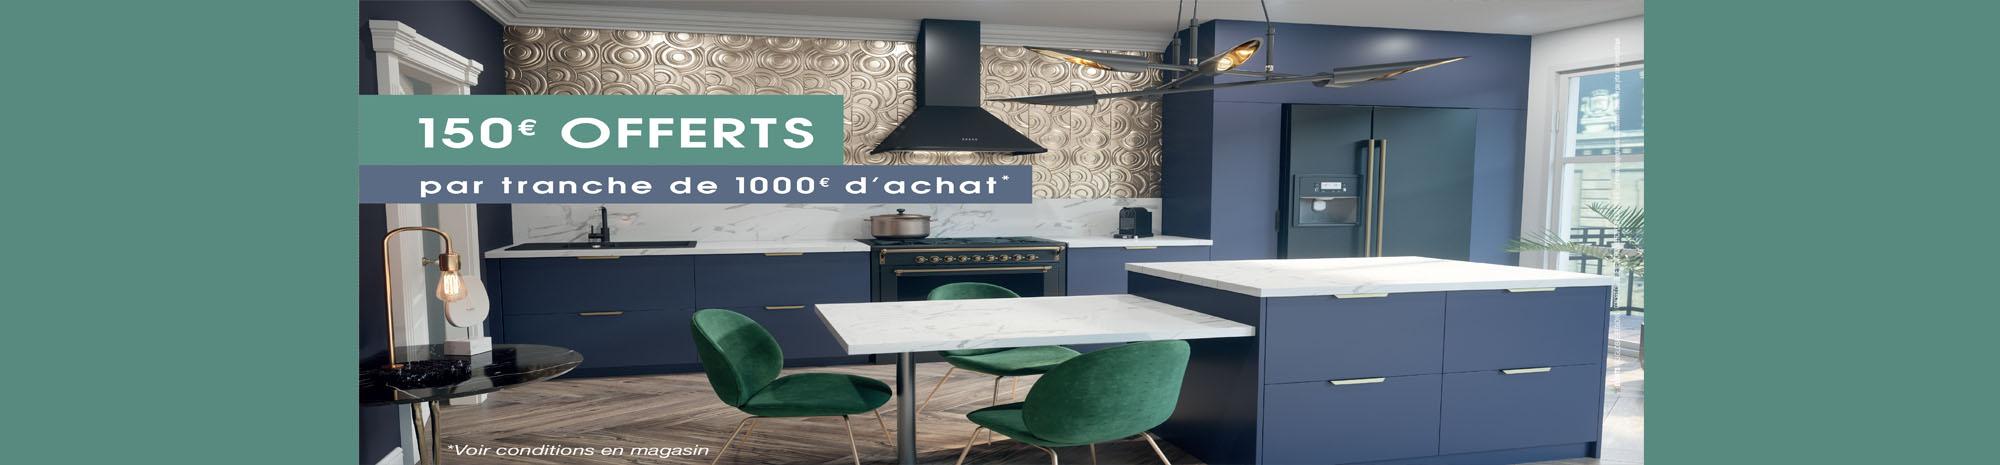 150€ offert par tranche de 1000€ d'achat pour l'achat de votre cuisine